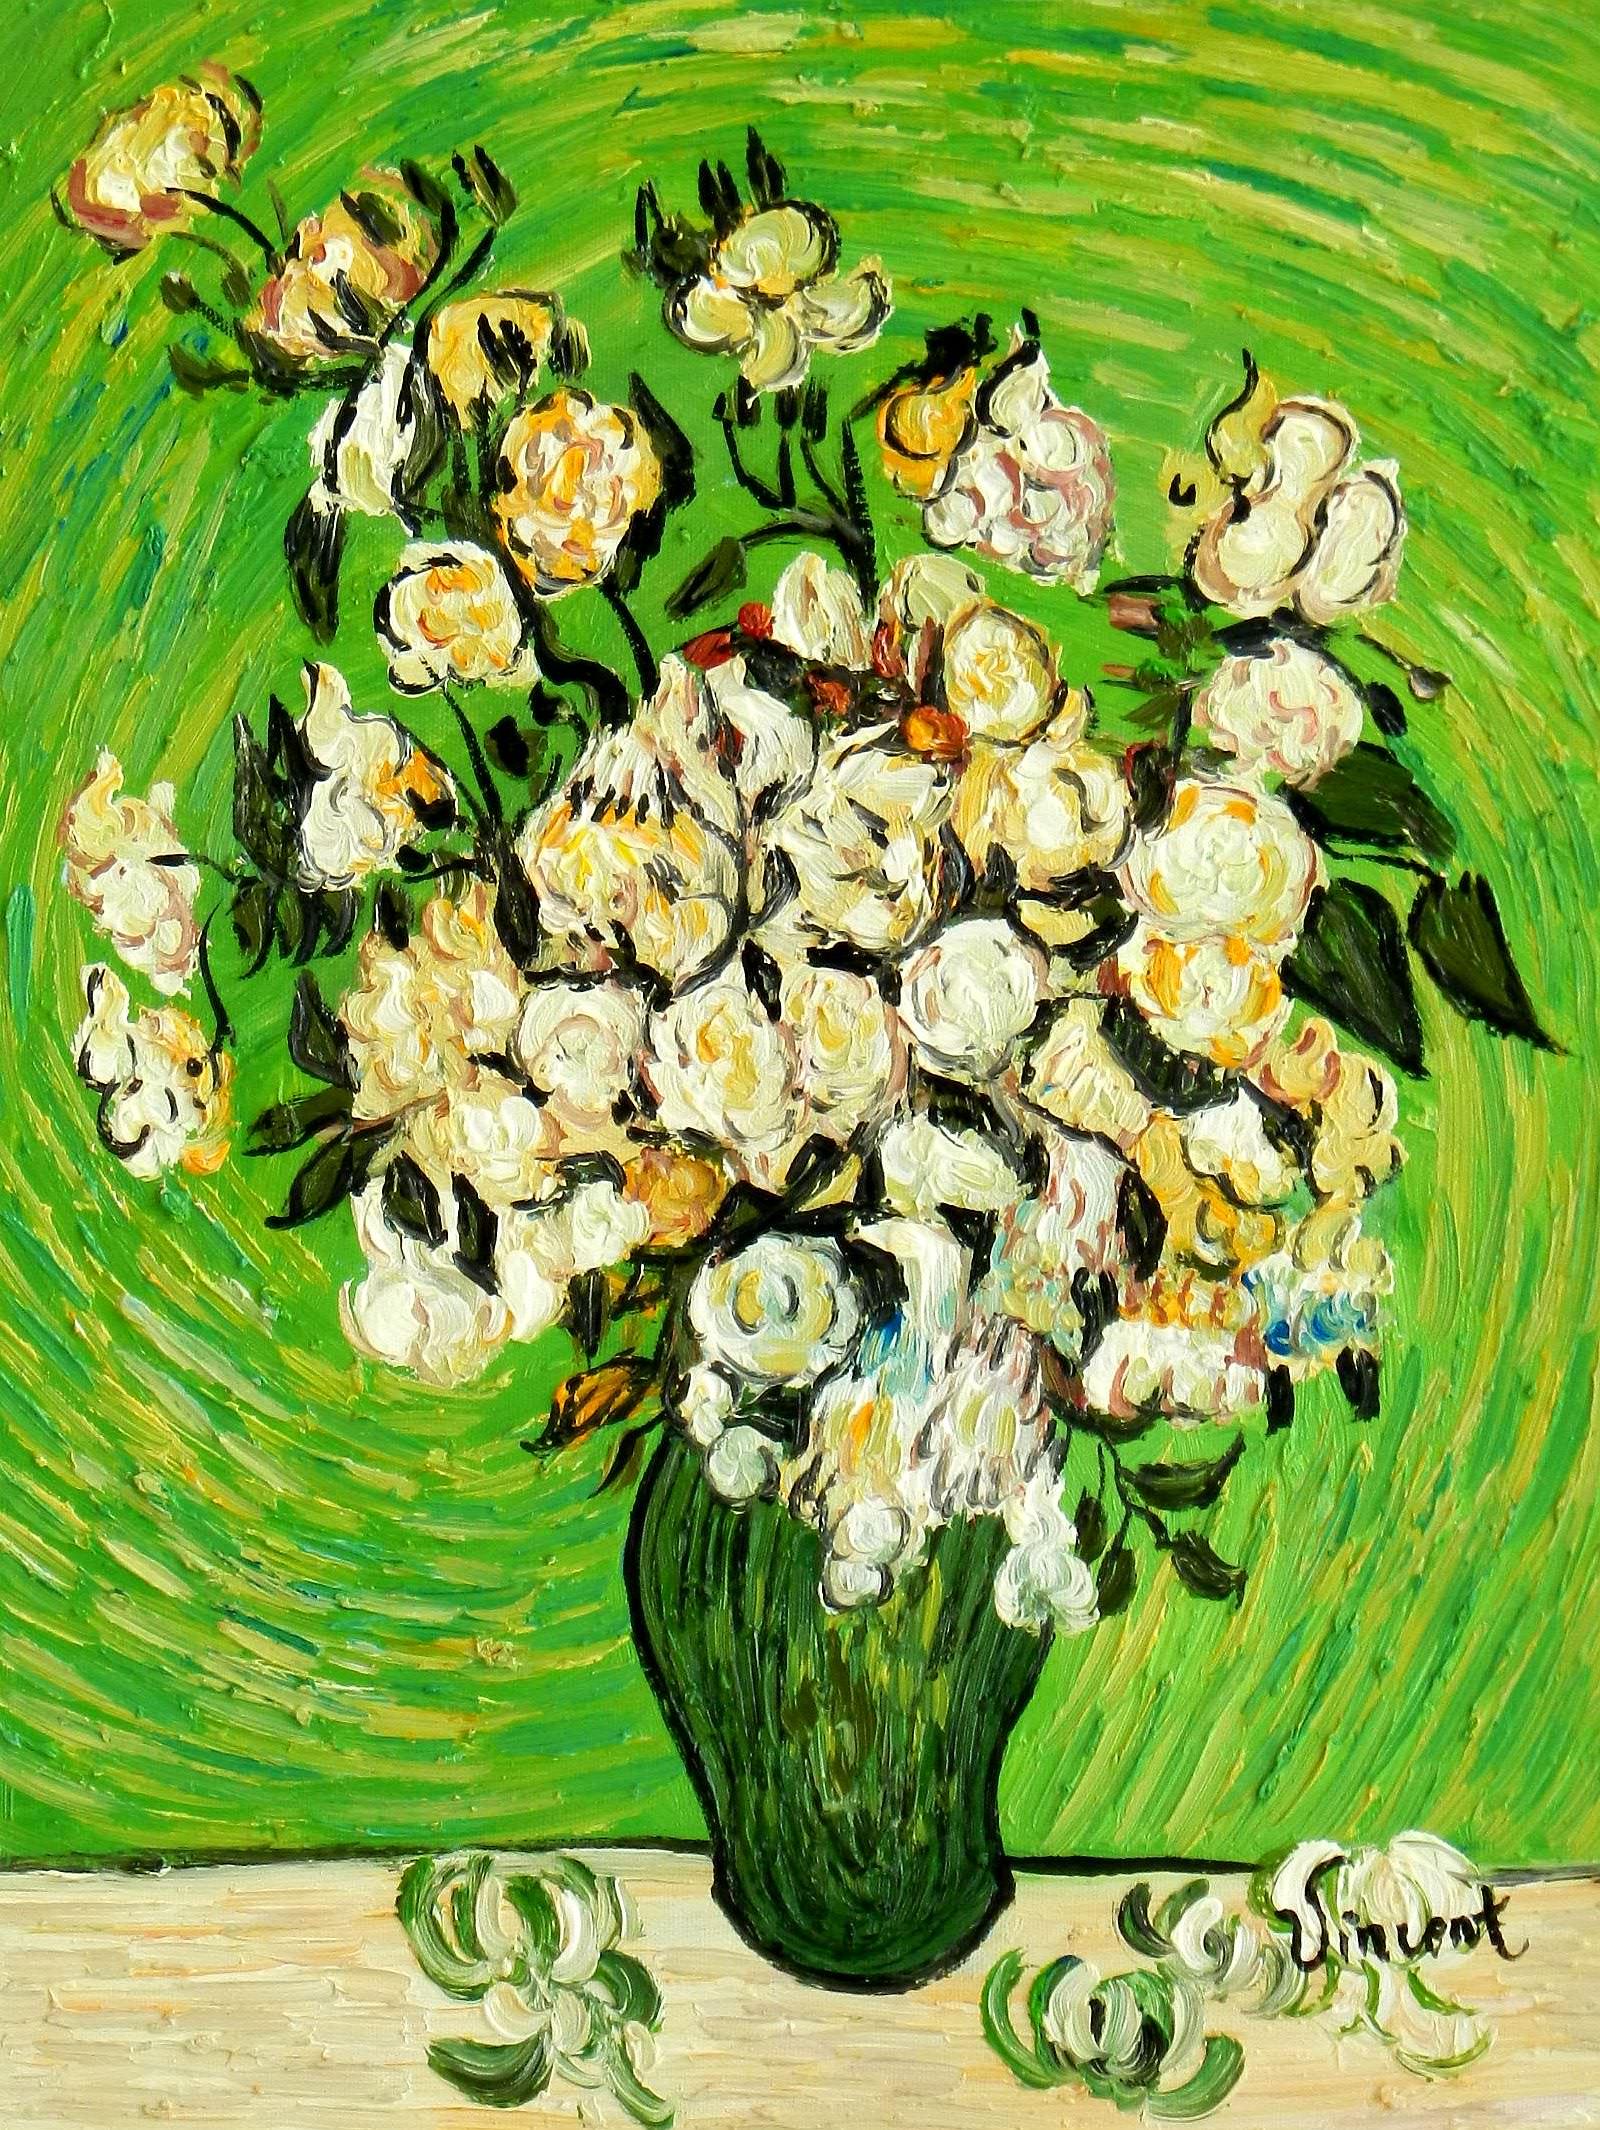 Vincent van Gogh - Vase mit weißen Rosen a95077 30x40cm Ölbild handgemalt